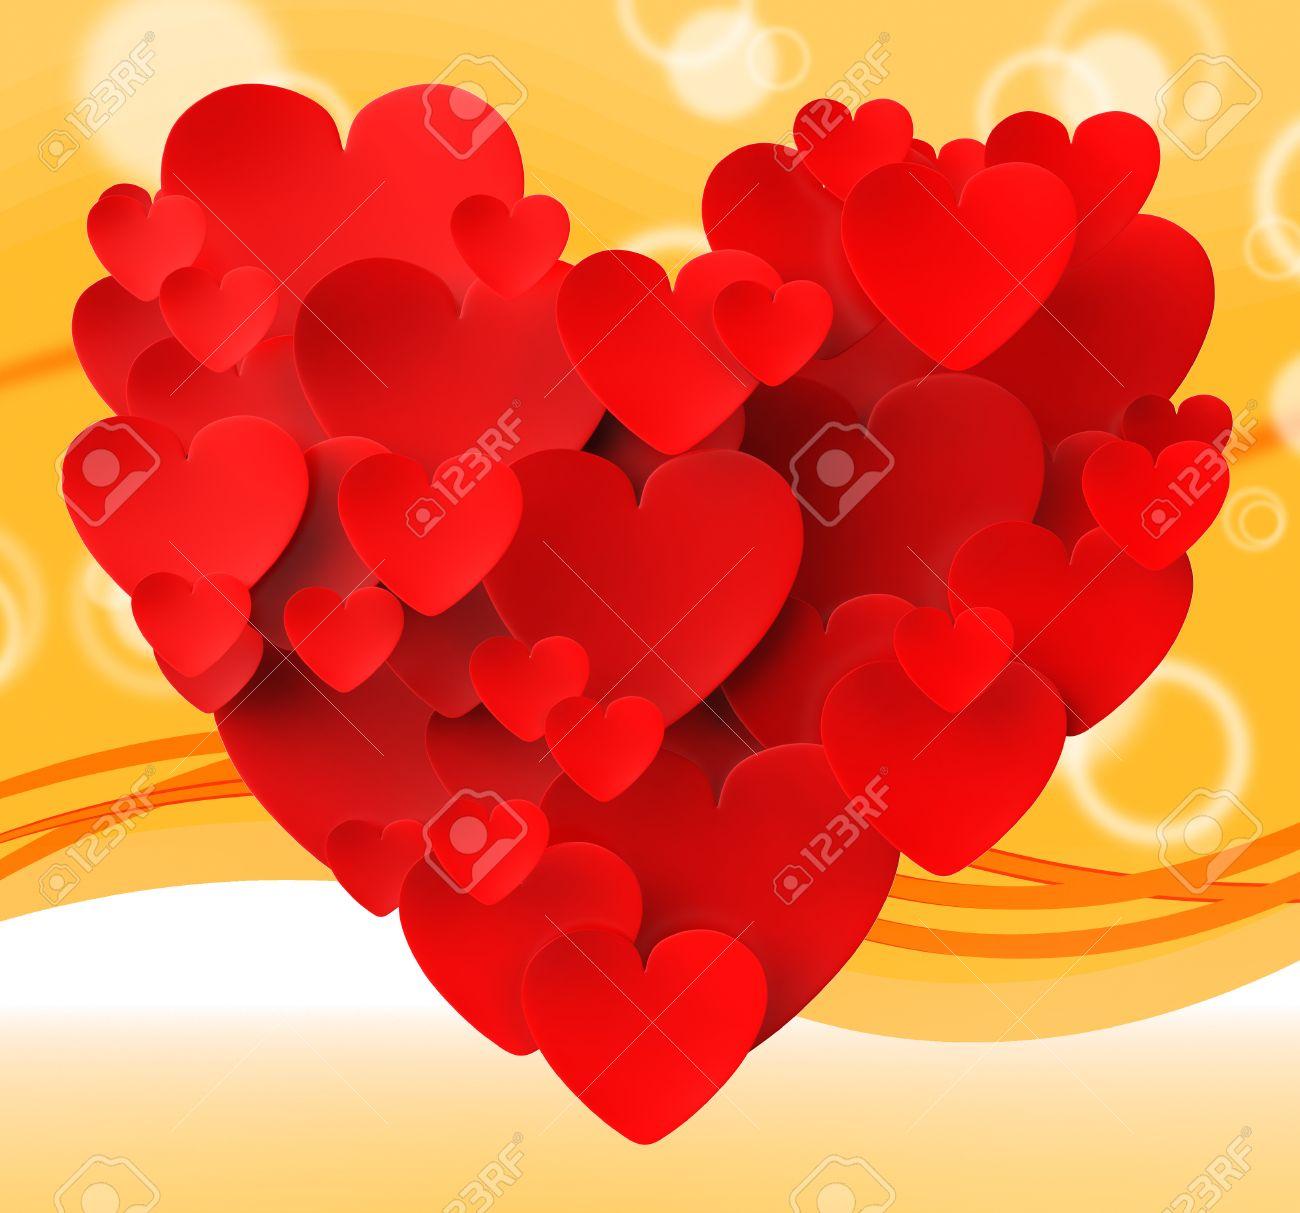 Corazón Hecho Con Los Corazones Significado Pasión Romance And Love